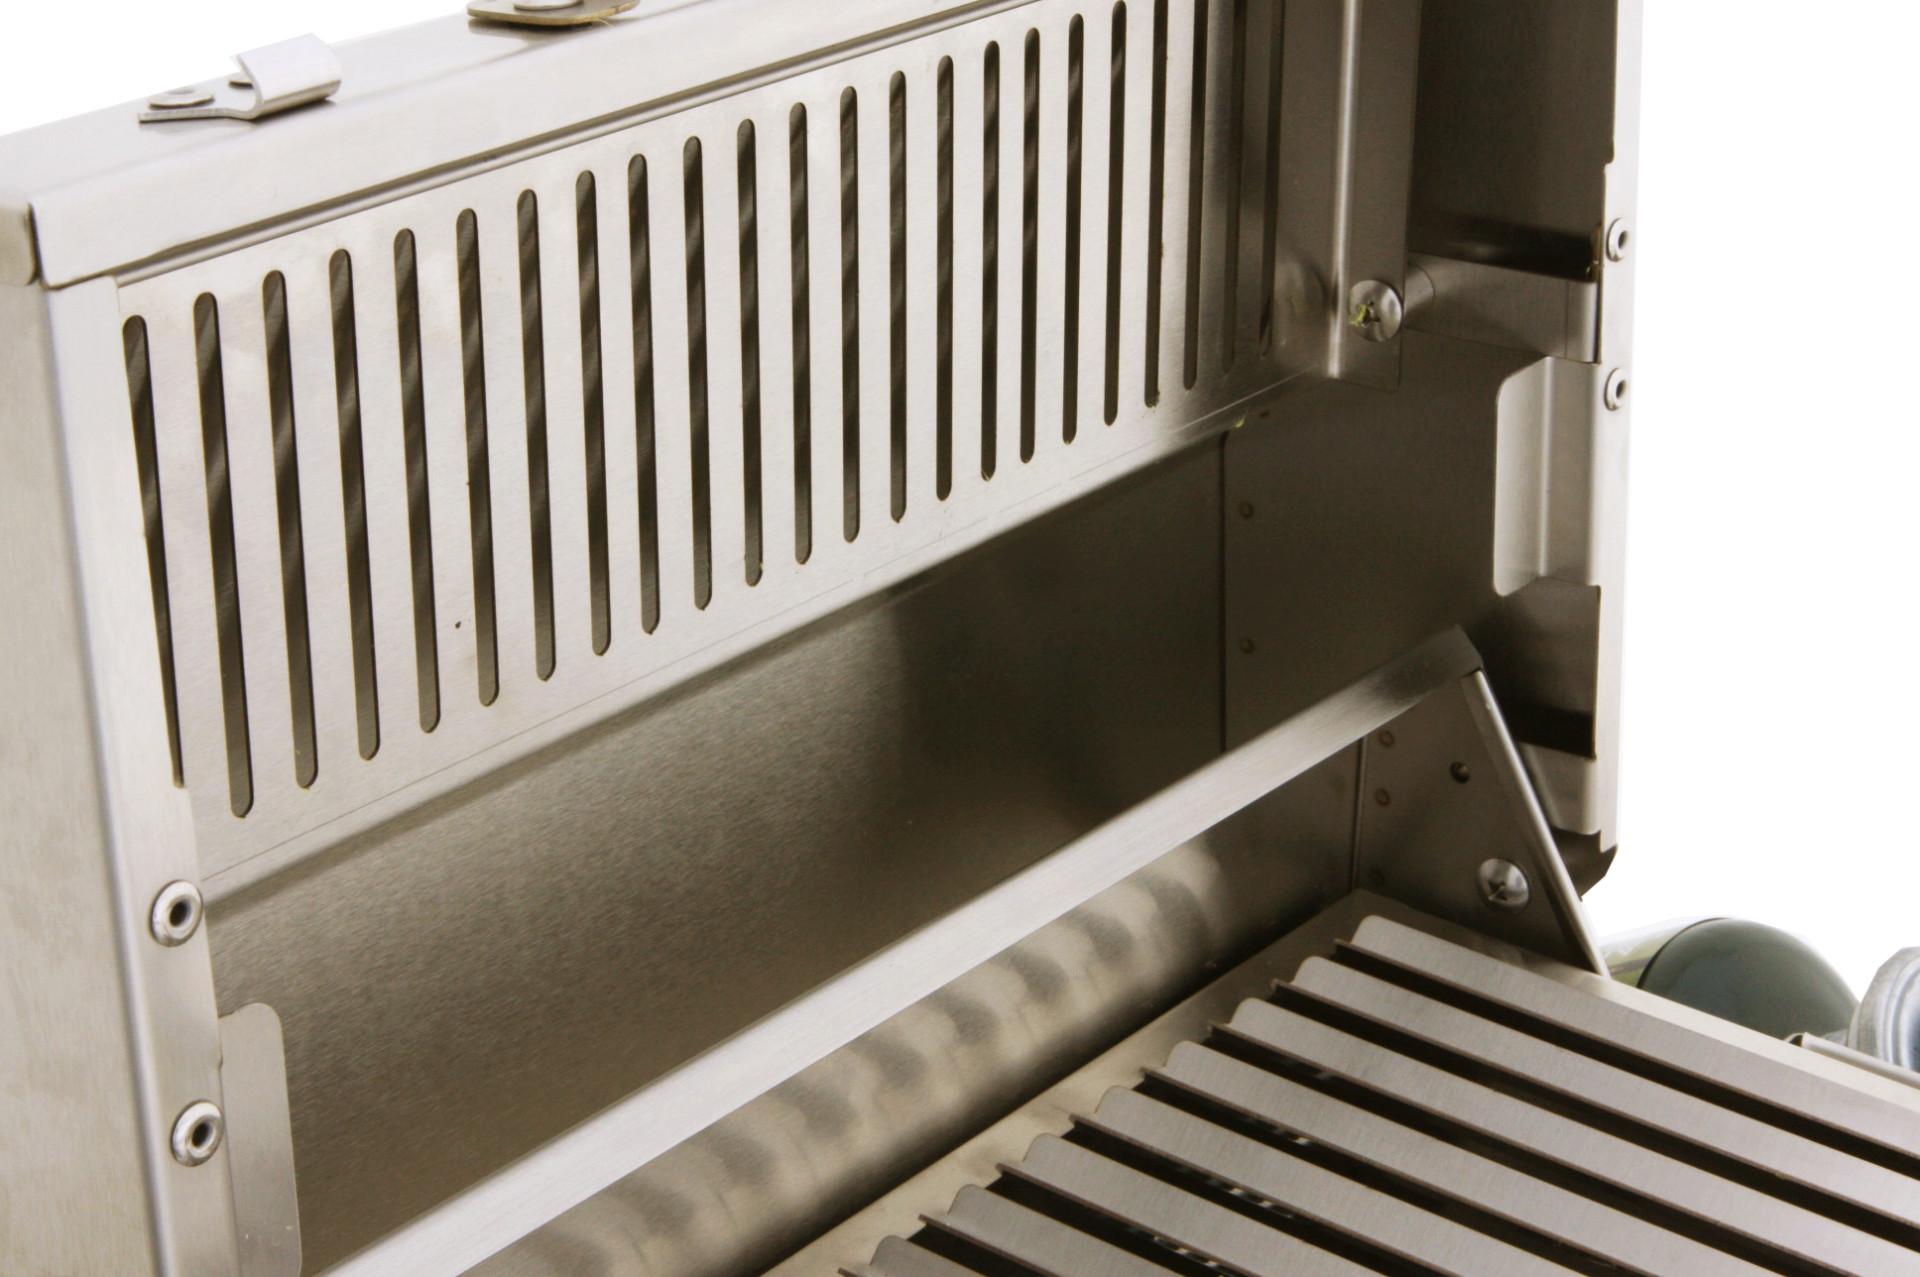 IR17BWR_warming-rack_up-r100-w1920